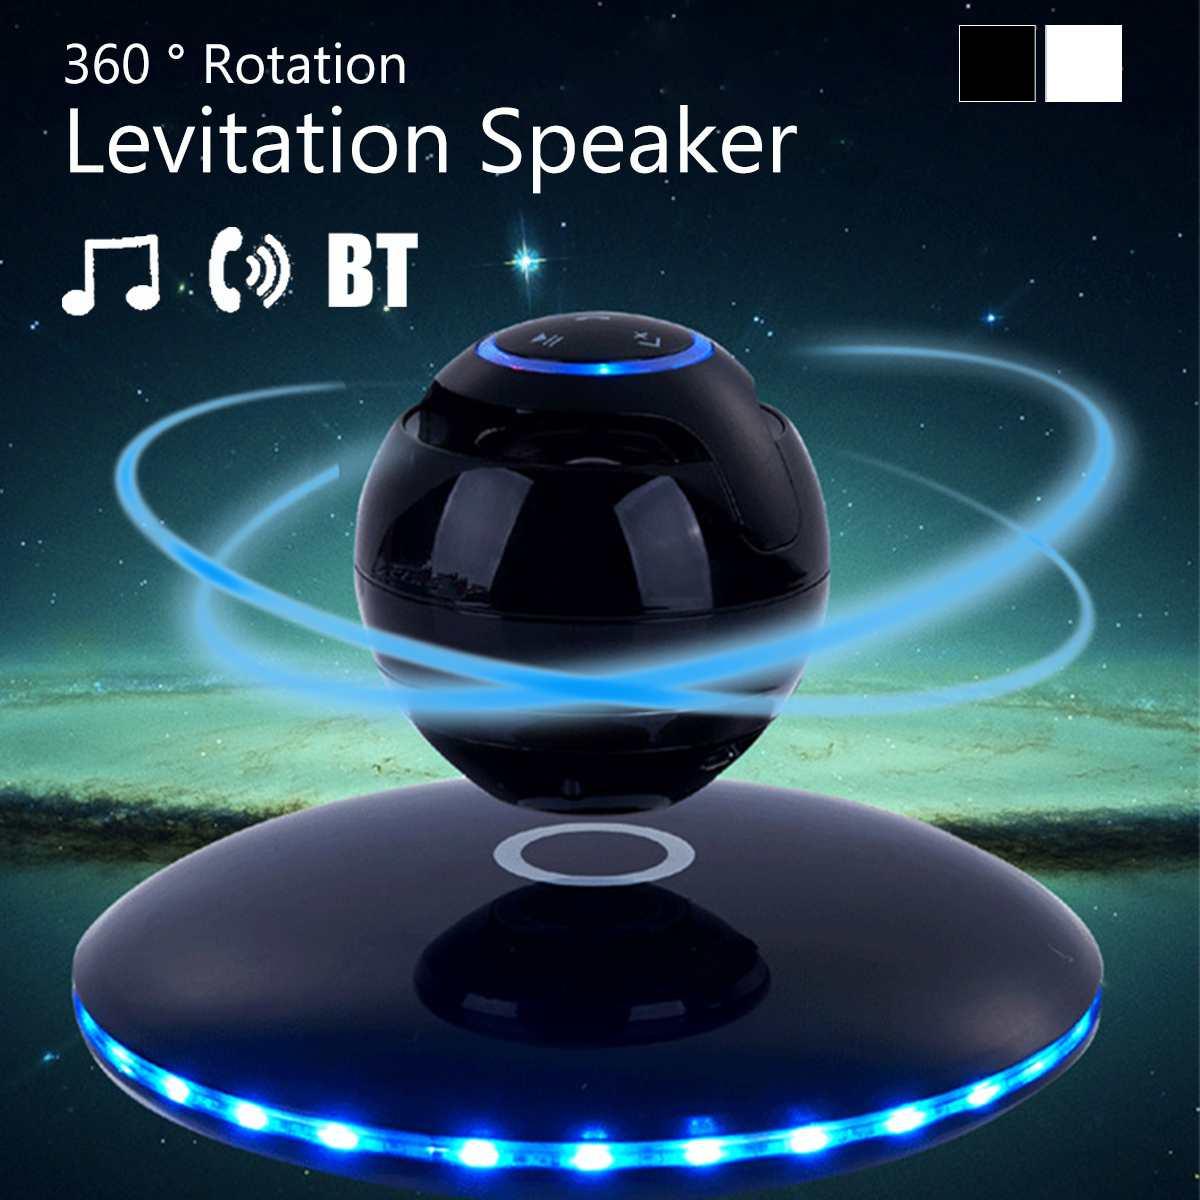 3d Magnetische Levitatie Bluetooth Speaker Drijvende Draadloze Loundspeaker Kleuren Veranderen Led Nachtlampje Ingebouwde Microfoon Draagbare